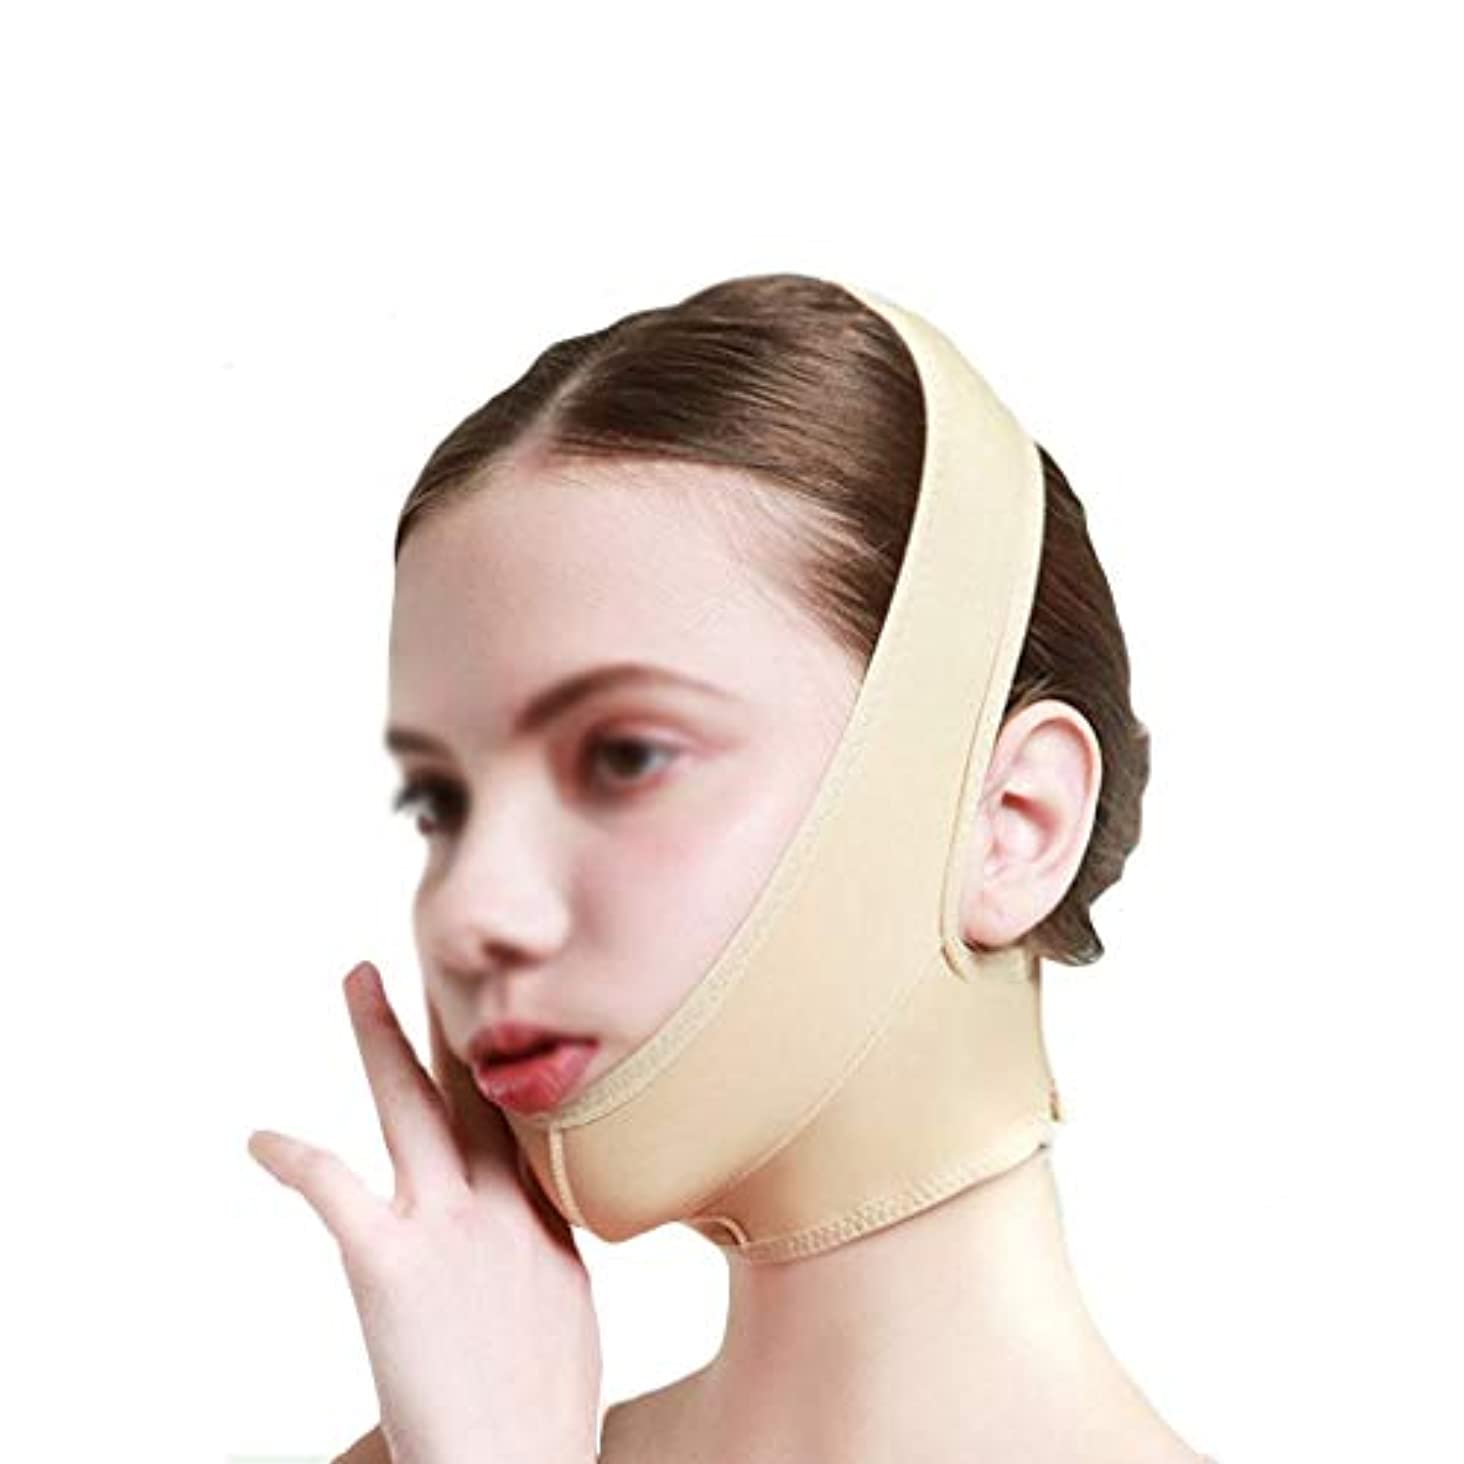 エントリ世辞解明ダブルチンリデューサー、フェイススリミングマスク、フェイスリフティング、ストレッチマスク、ダブルチン、浮腫緩和、ケアツール、通気性(サイズ:XL),XXL